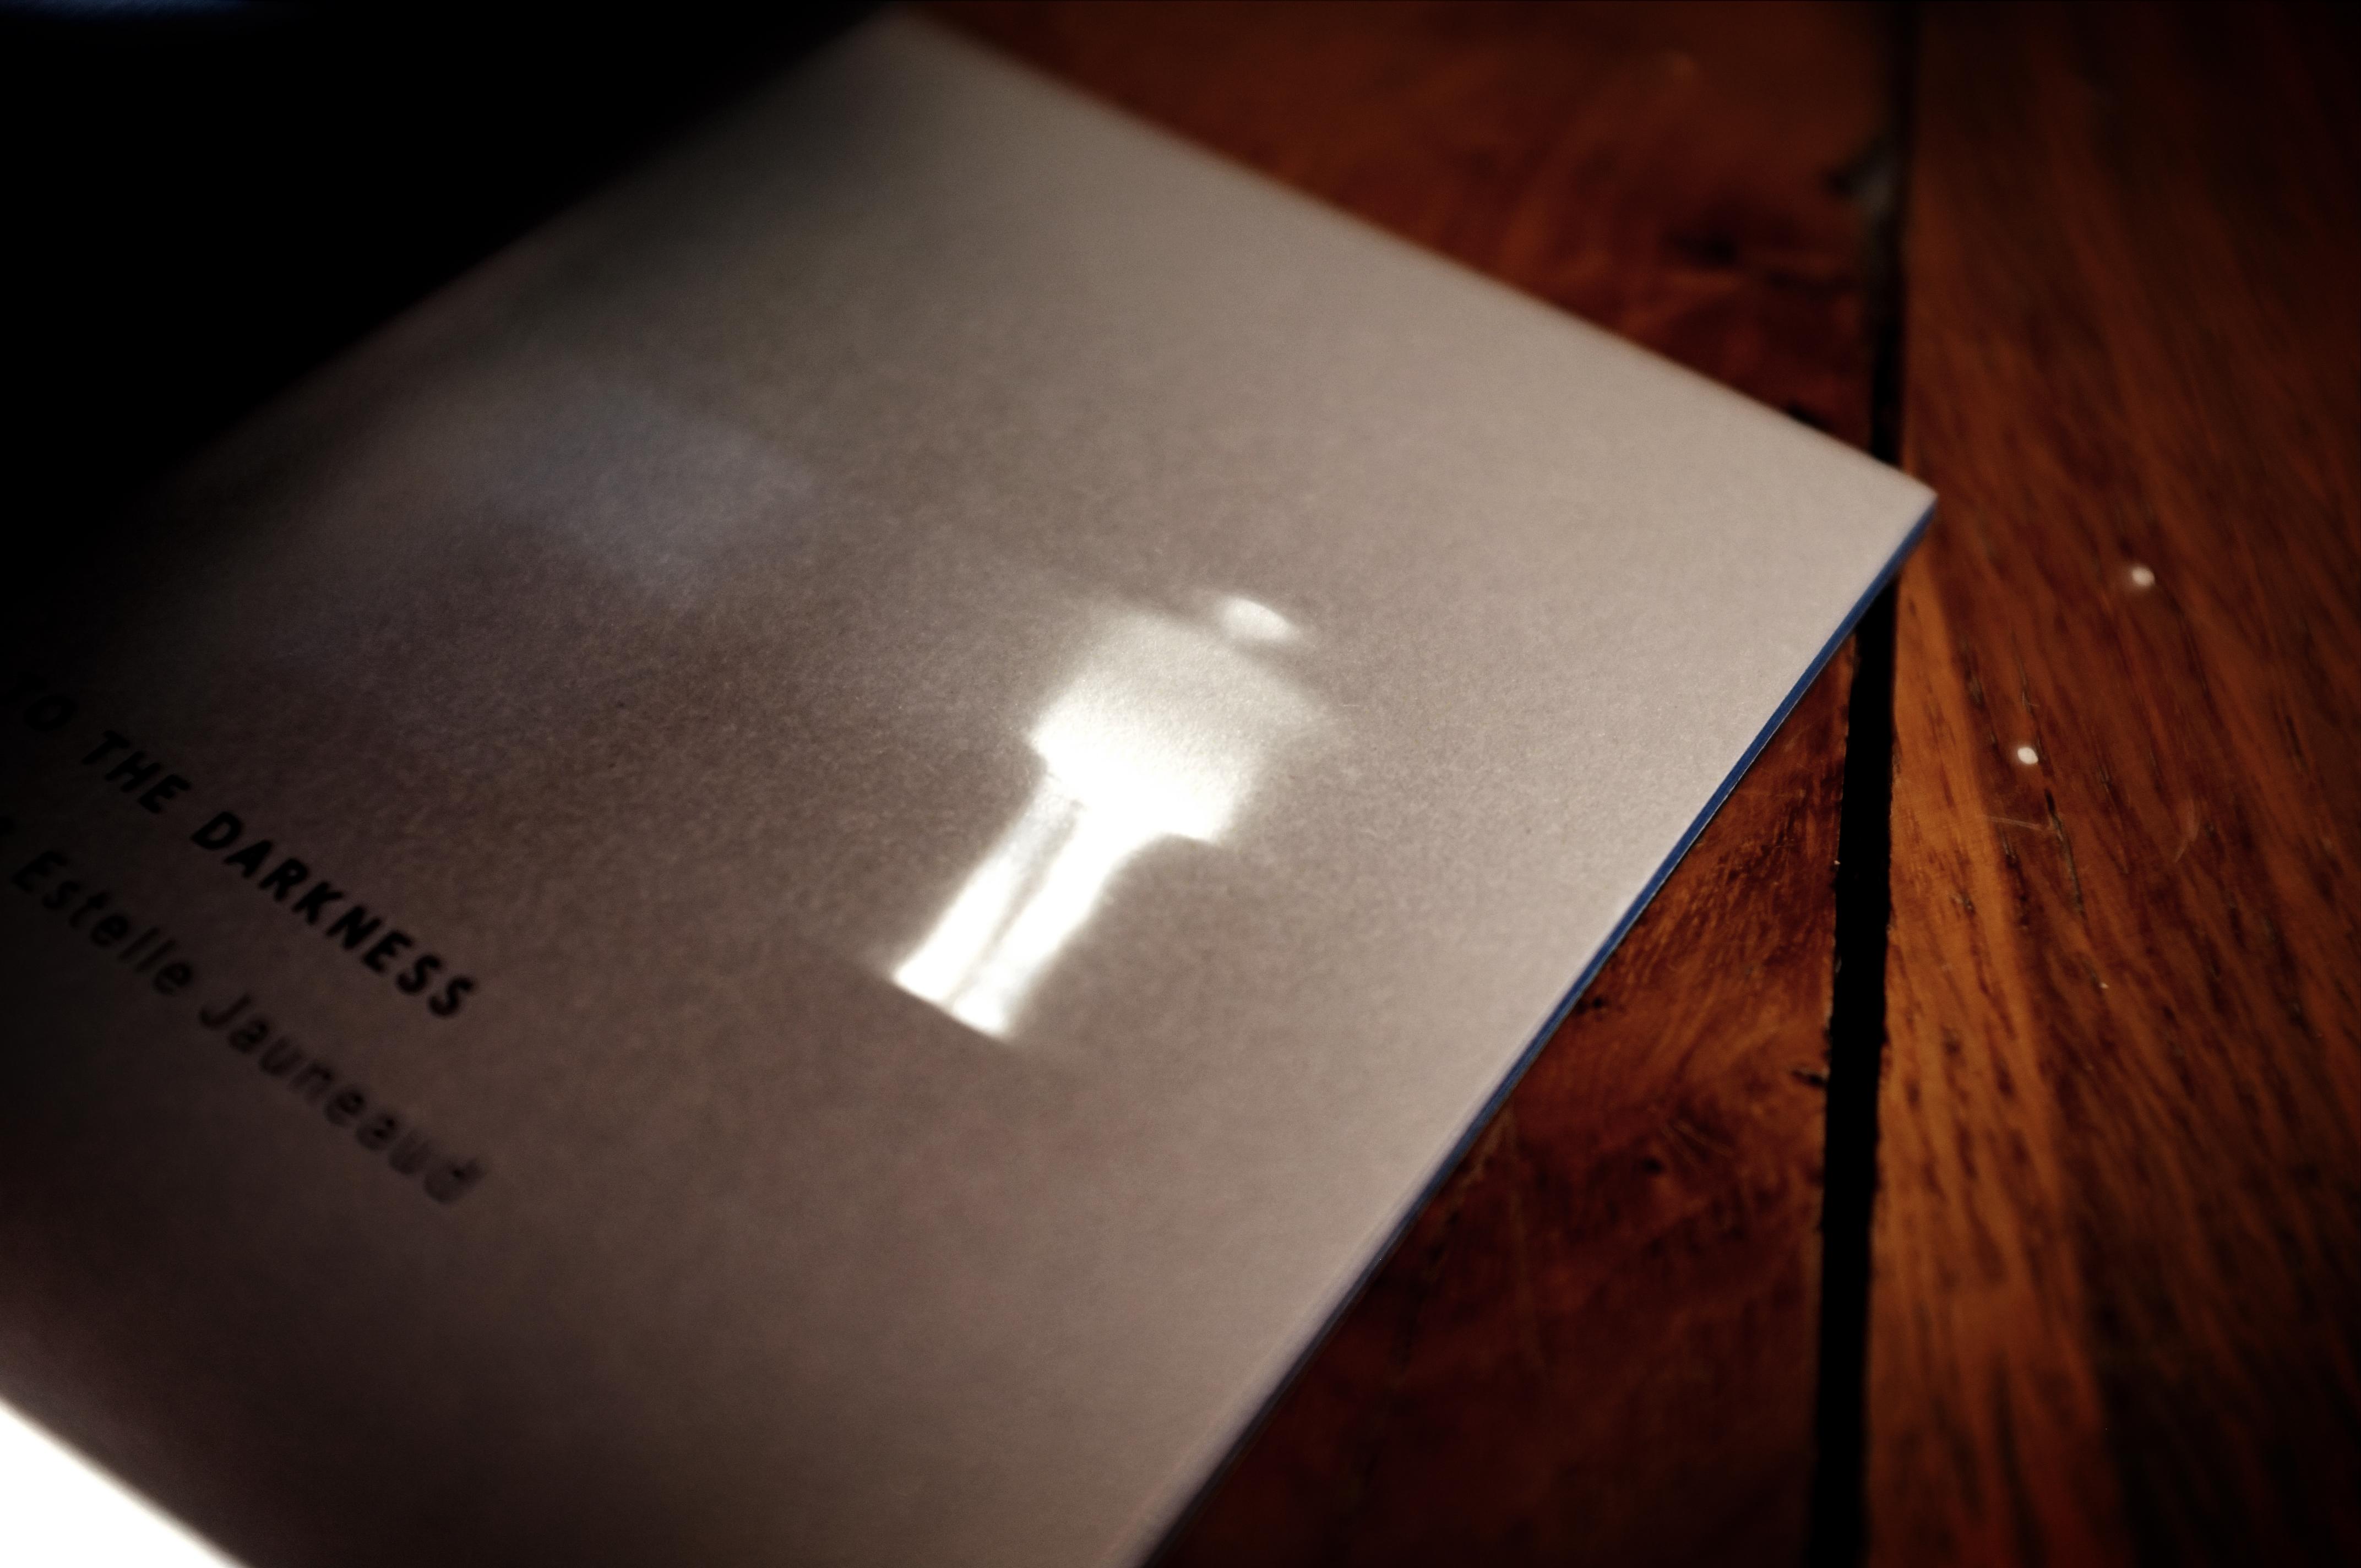 darknessbook-mrcup-04